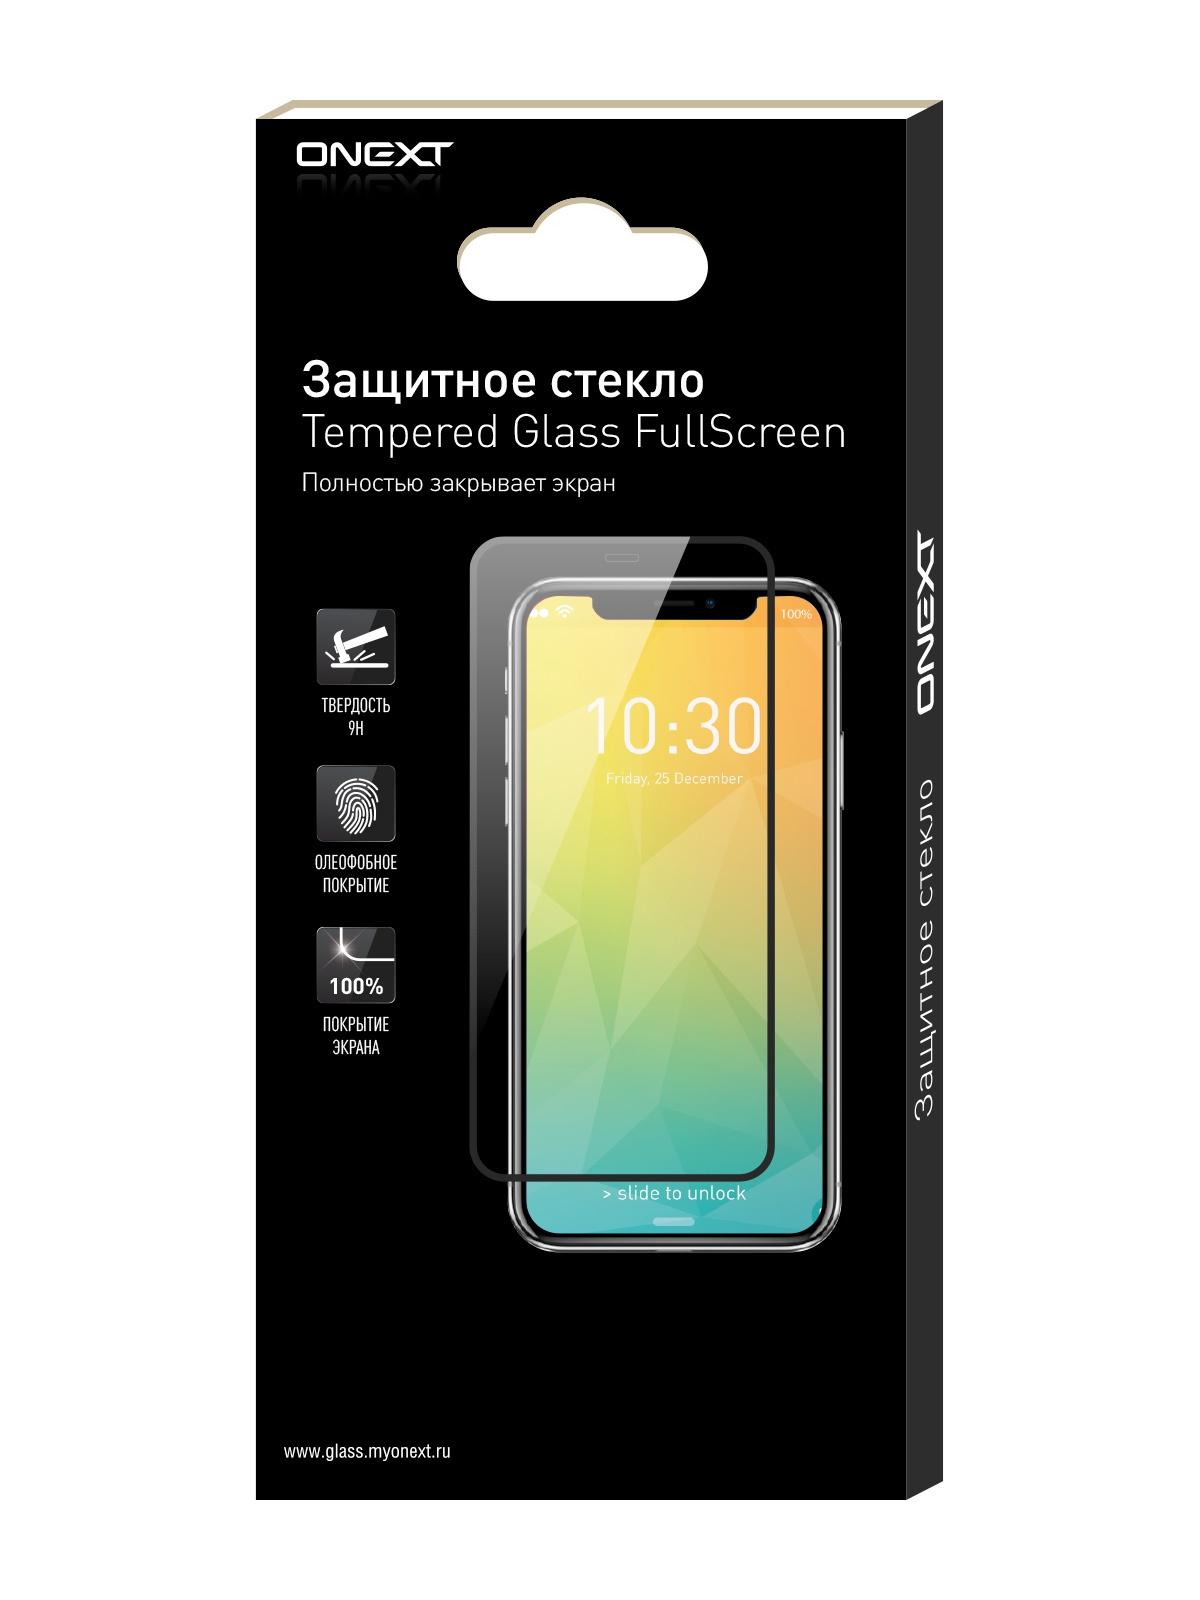 Защитное стекло ONEXT Samsung Galaxy A3 2016 с рамкой защитное стекло для samsung galaxy a3 2016 sm a310f onext на весь экран с черной рамкой